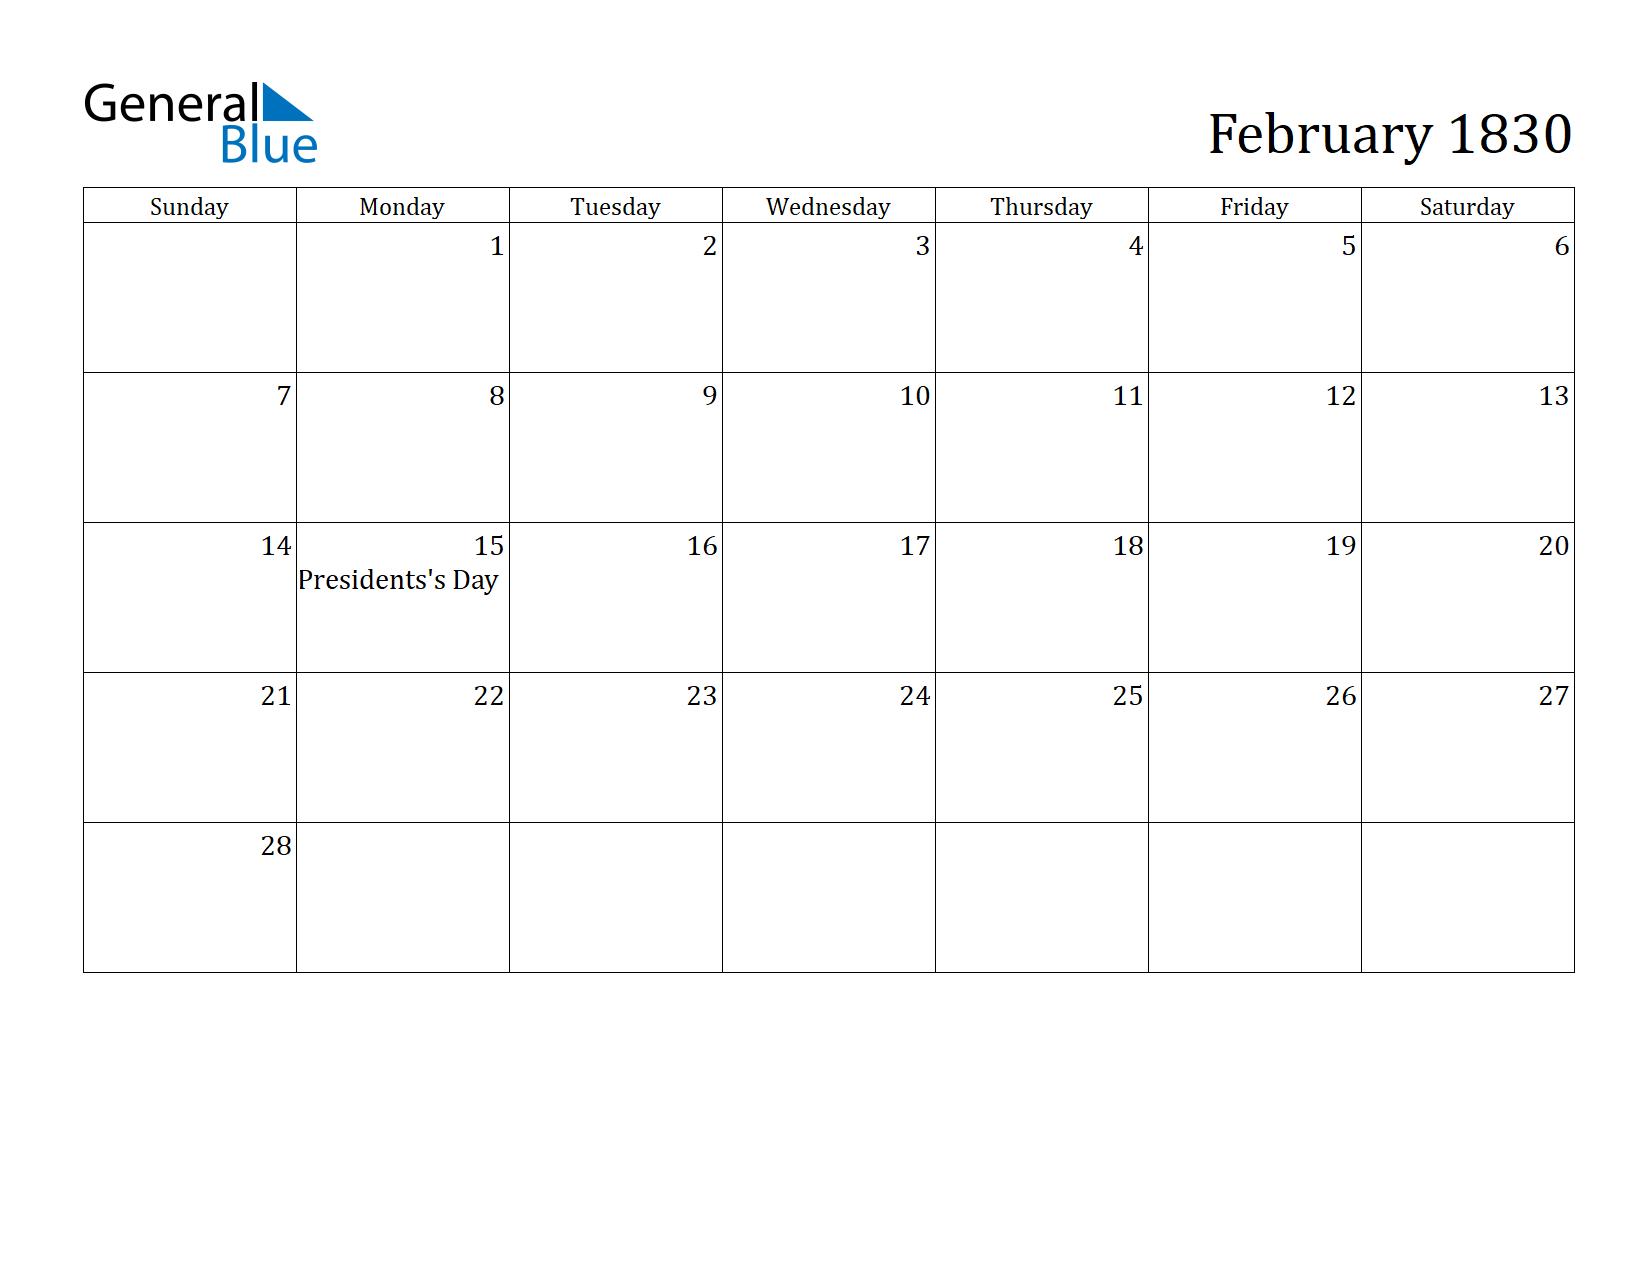 Image of February 1830 Calendar